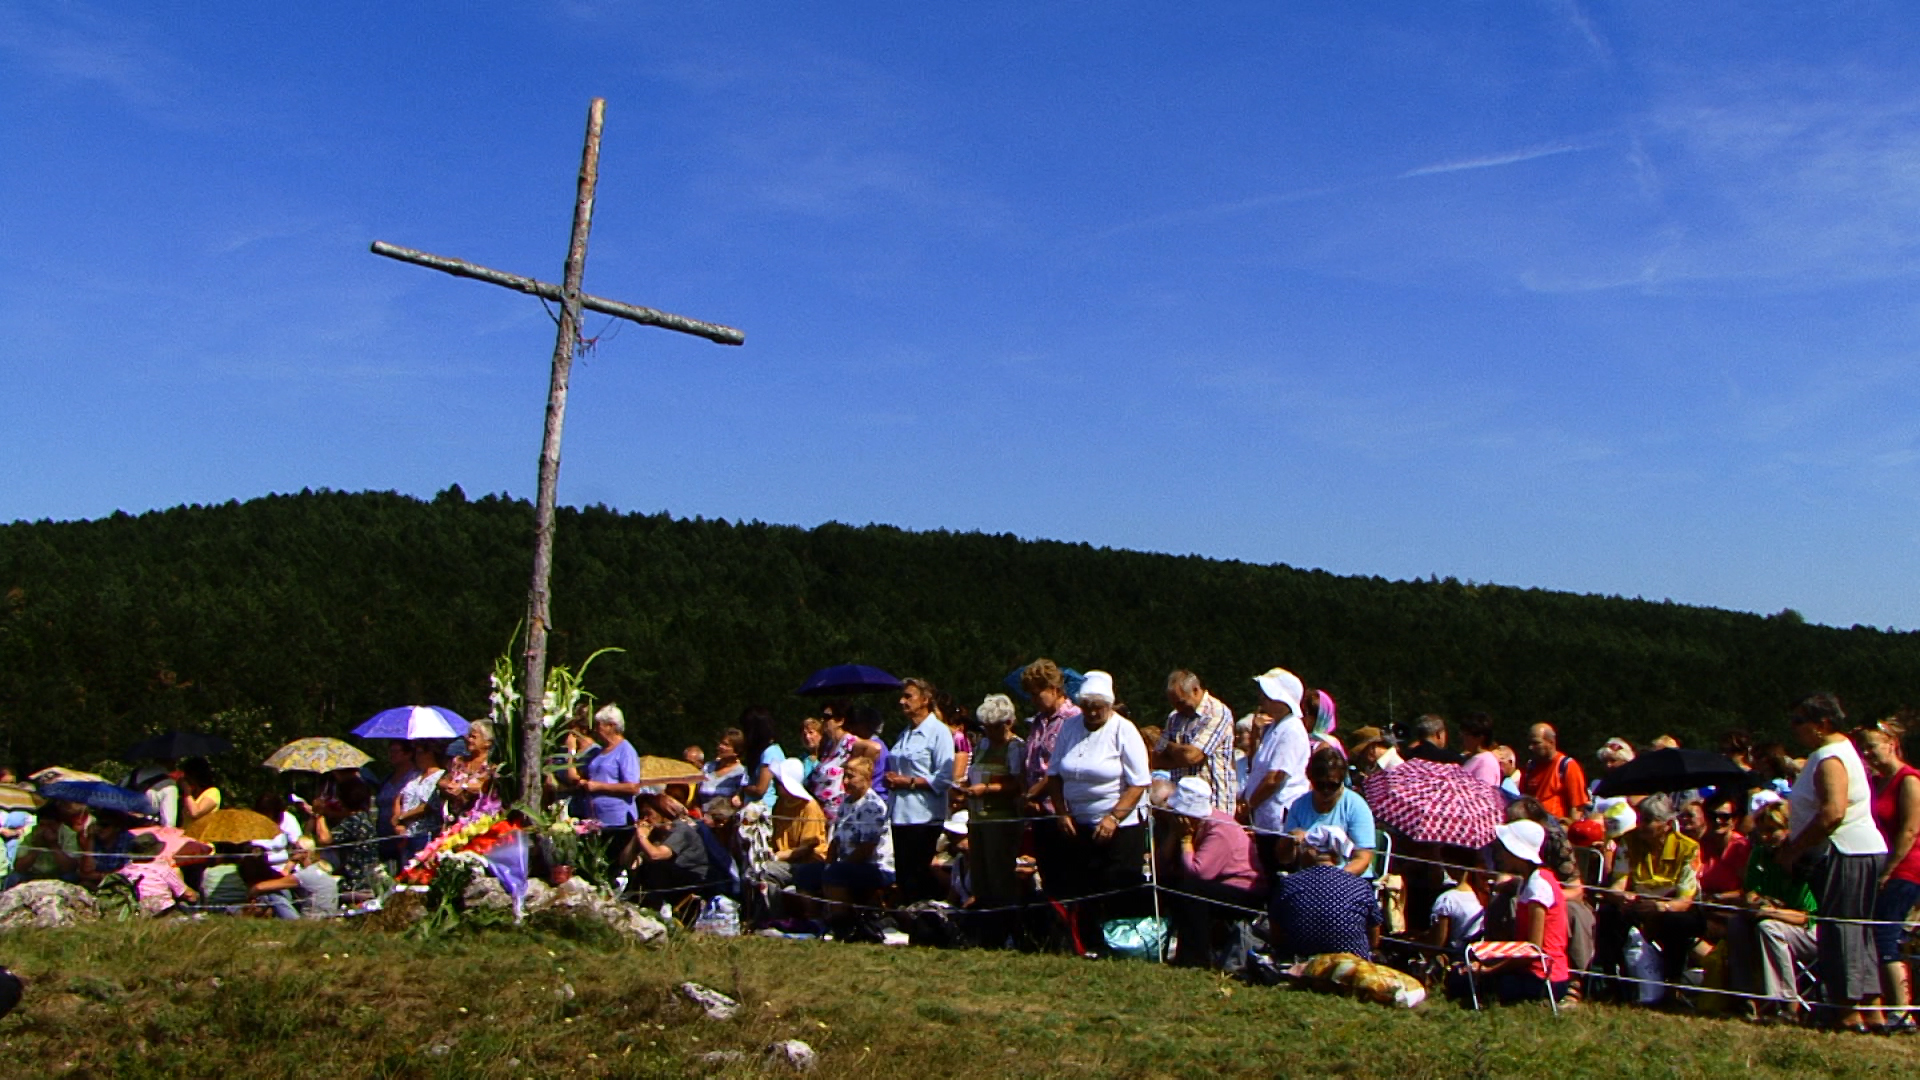 https://www.magnificat.sk/wp-content/uploads/2012/08/DECHTICE-foto-70.jpg